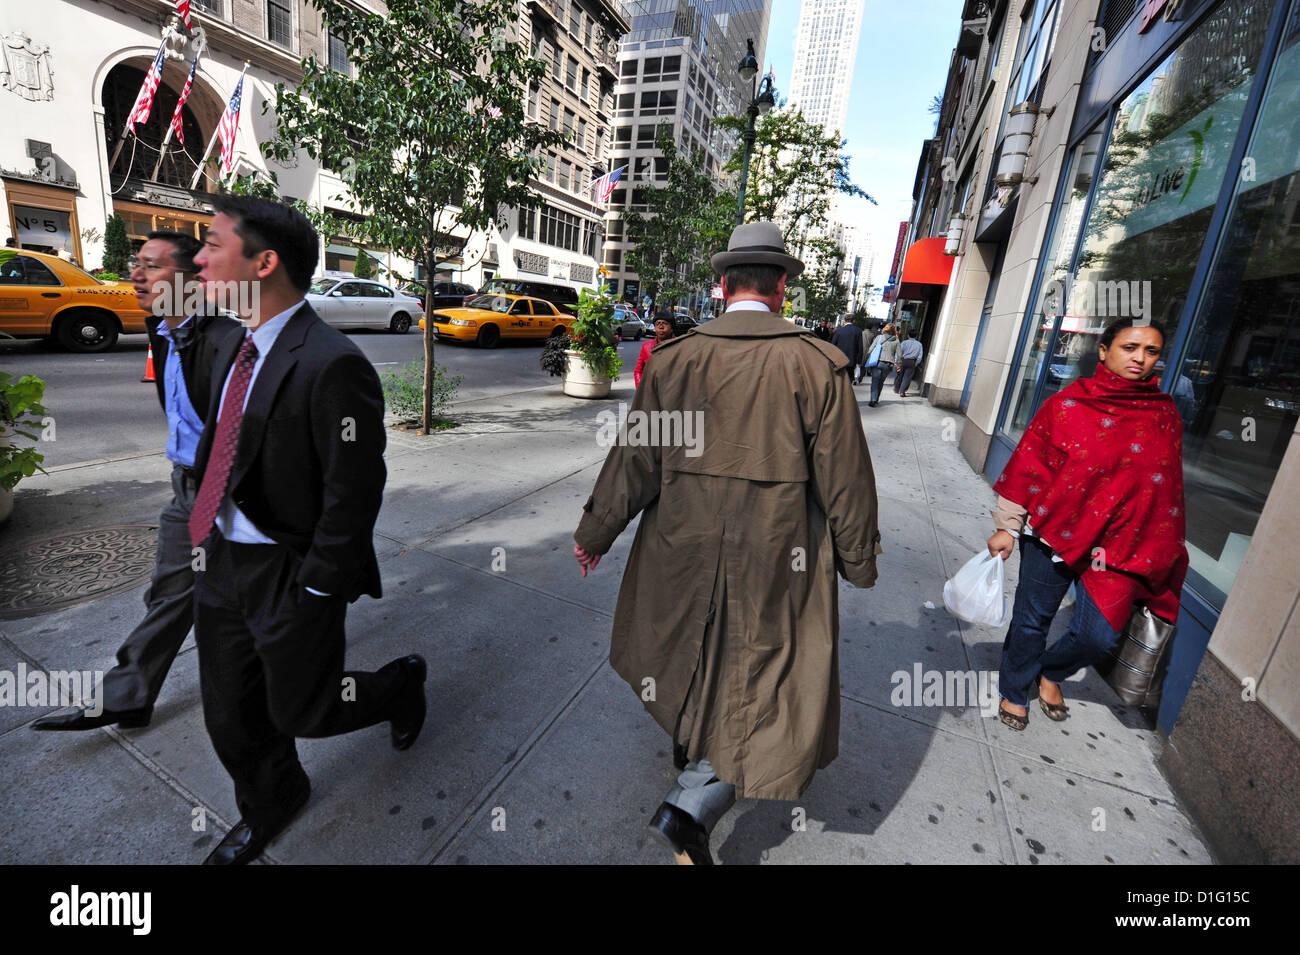 Personas de diferentes culturas comparten una sola acera en Manhattan, Nueva York Imagen De Stock